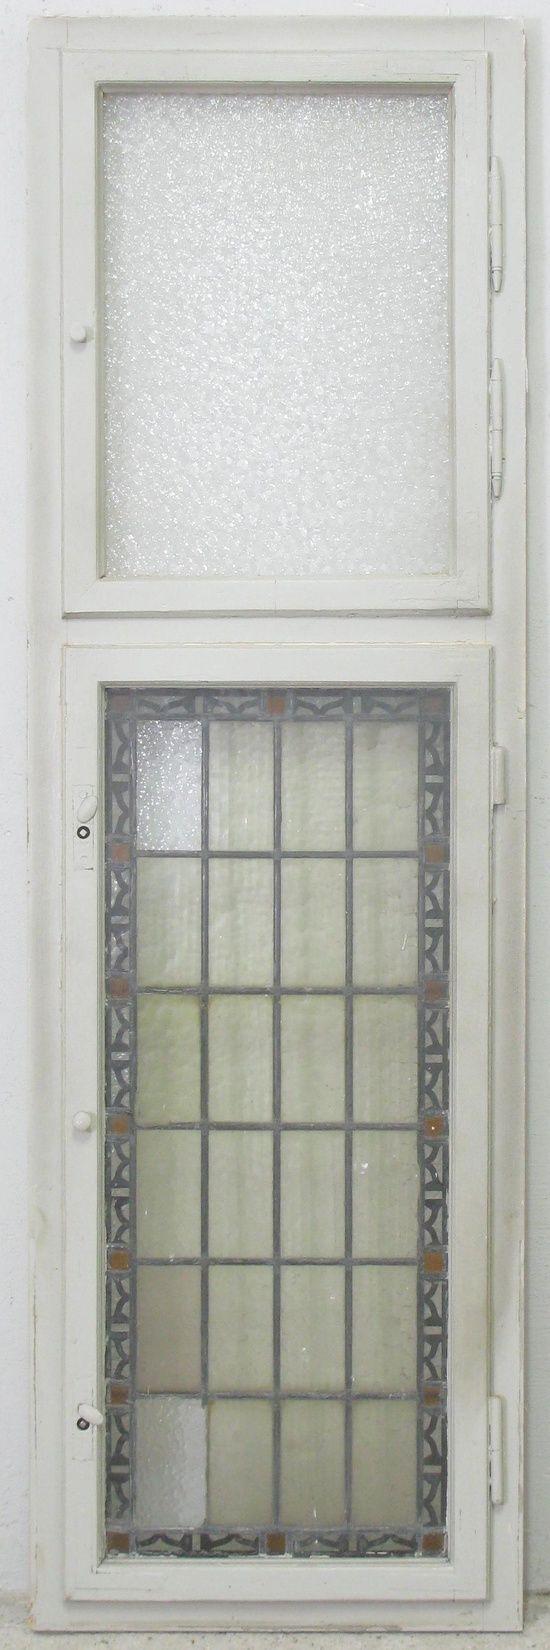 Deko Fenster   Historische Bauelemente   Jetzt online bestellen!